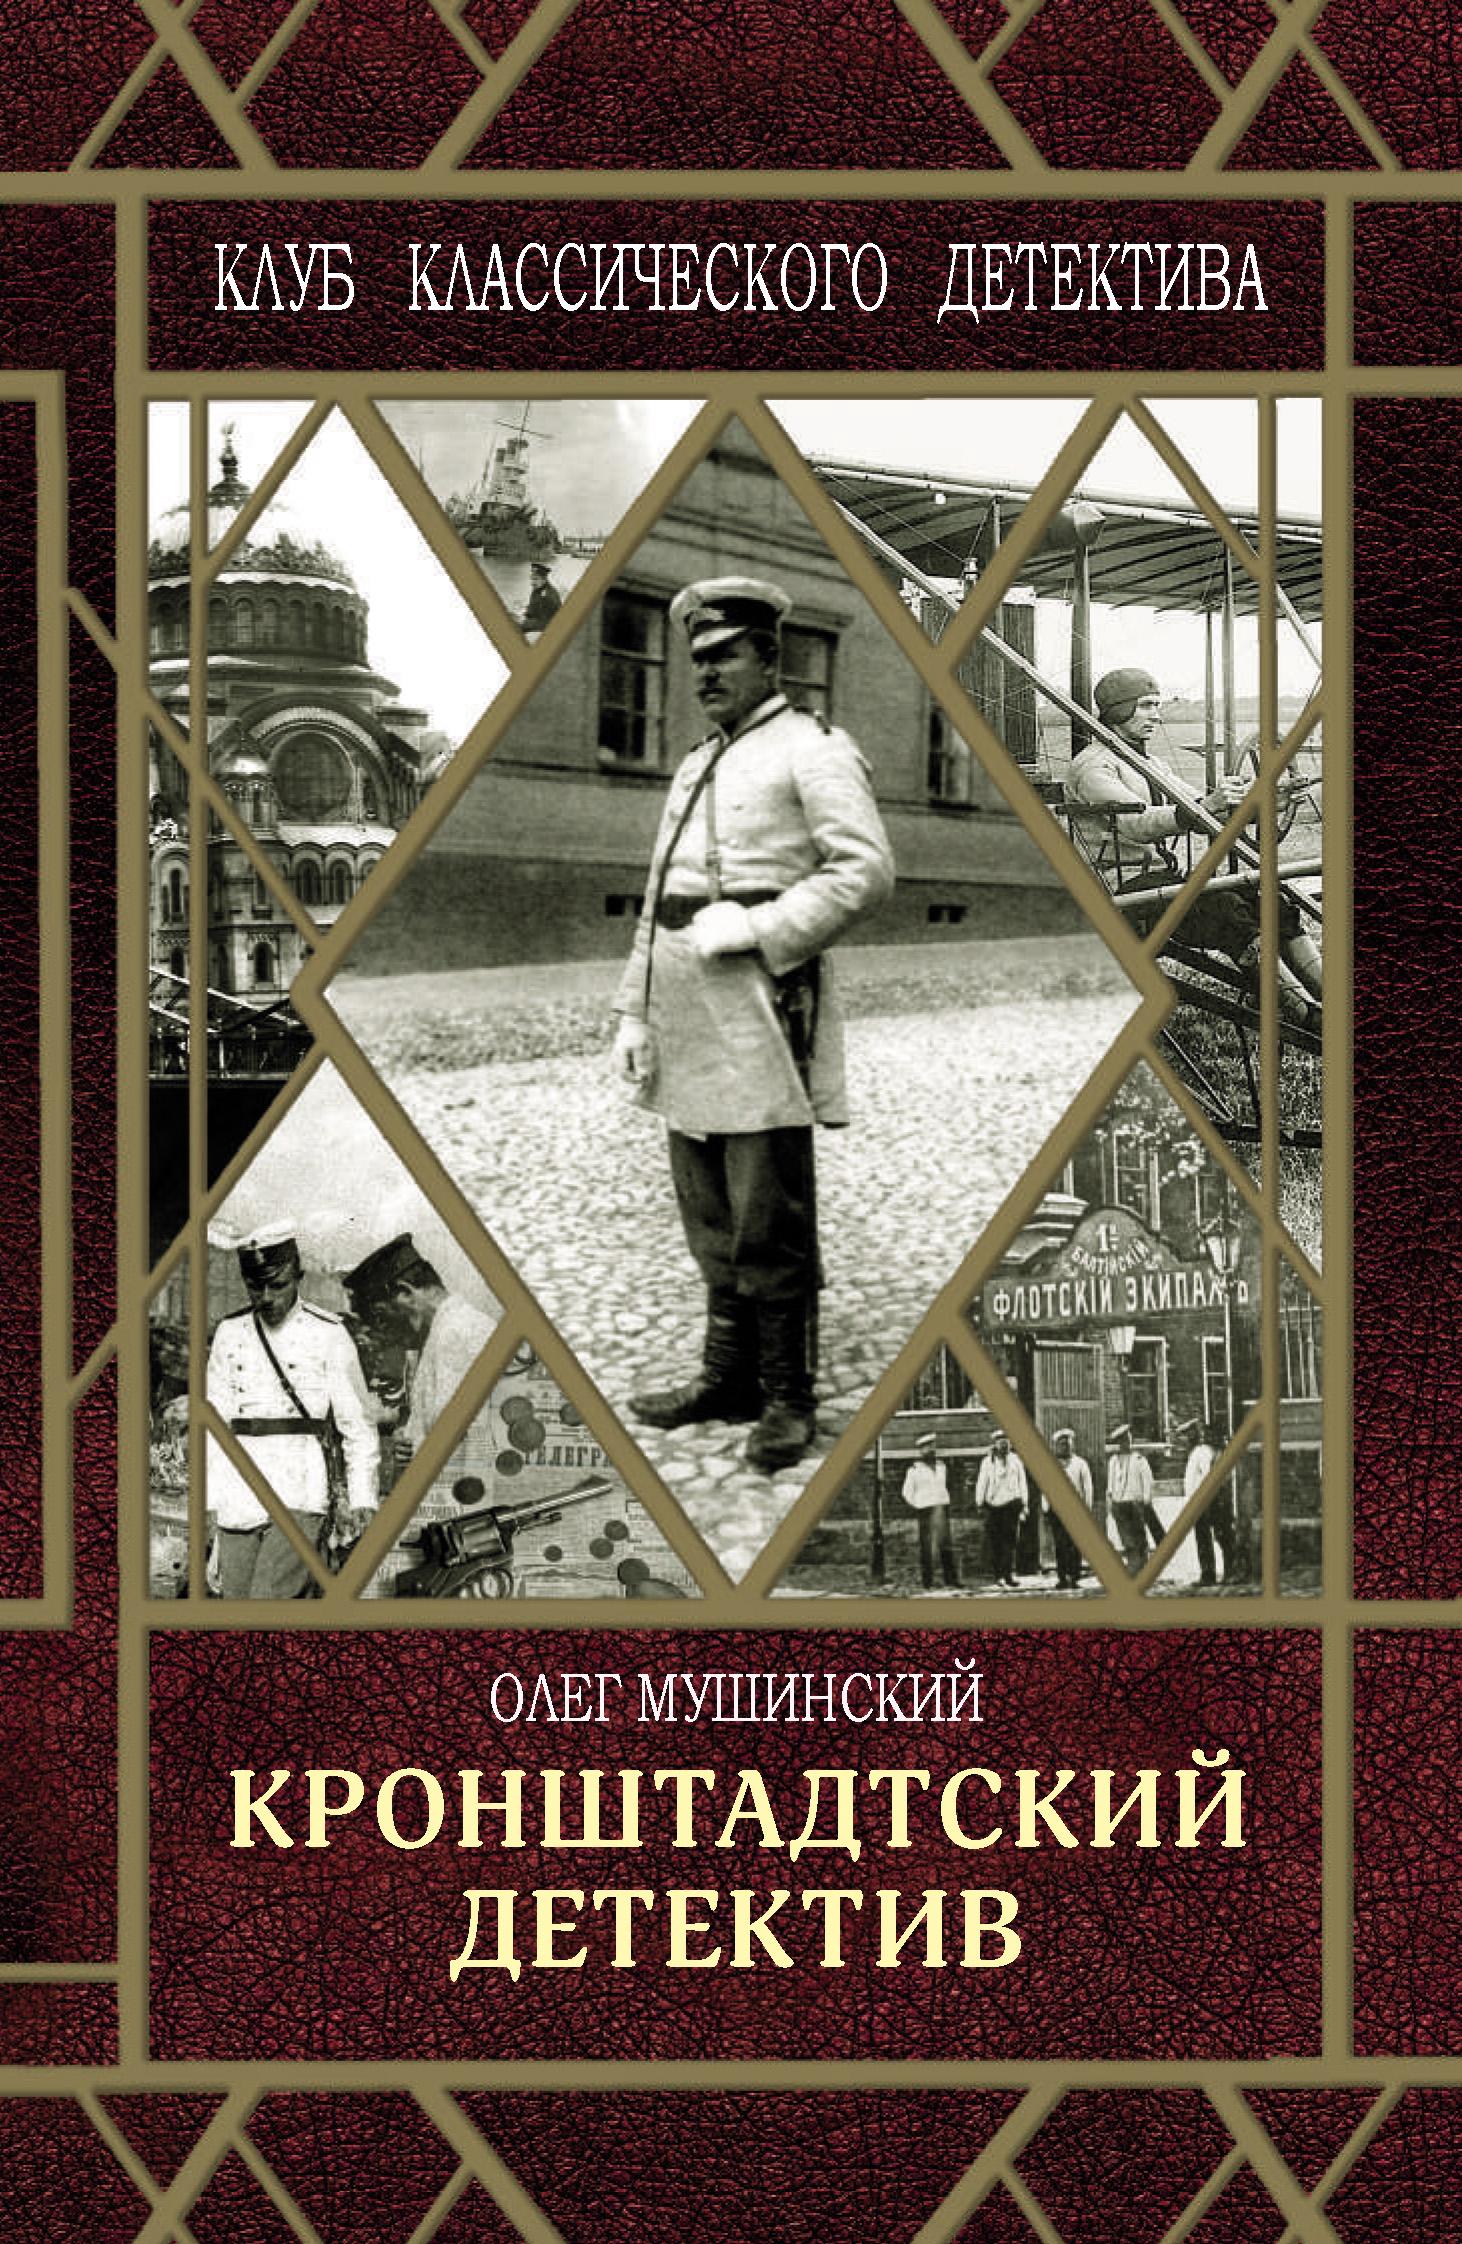 Купить книгу Кронштадтский детектив, автора Олега Мушинского